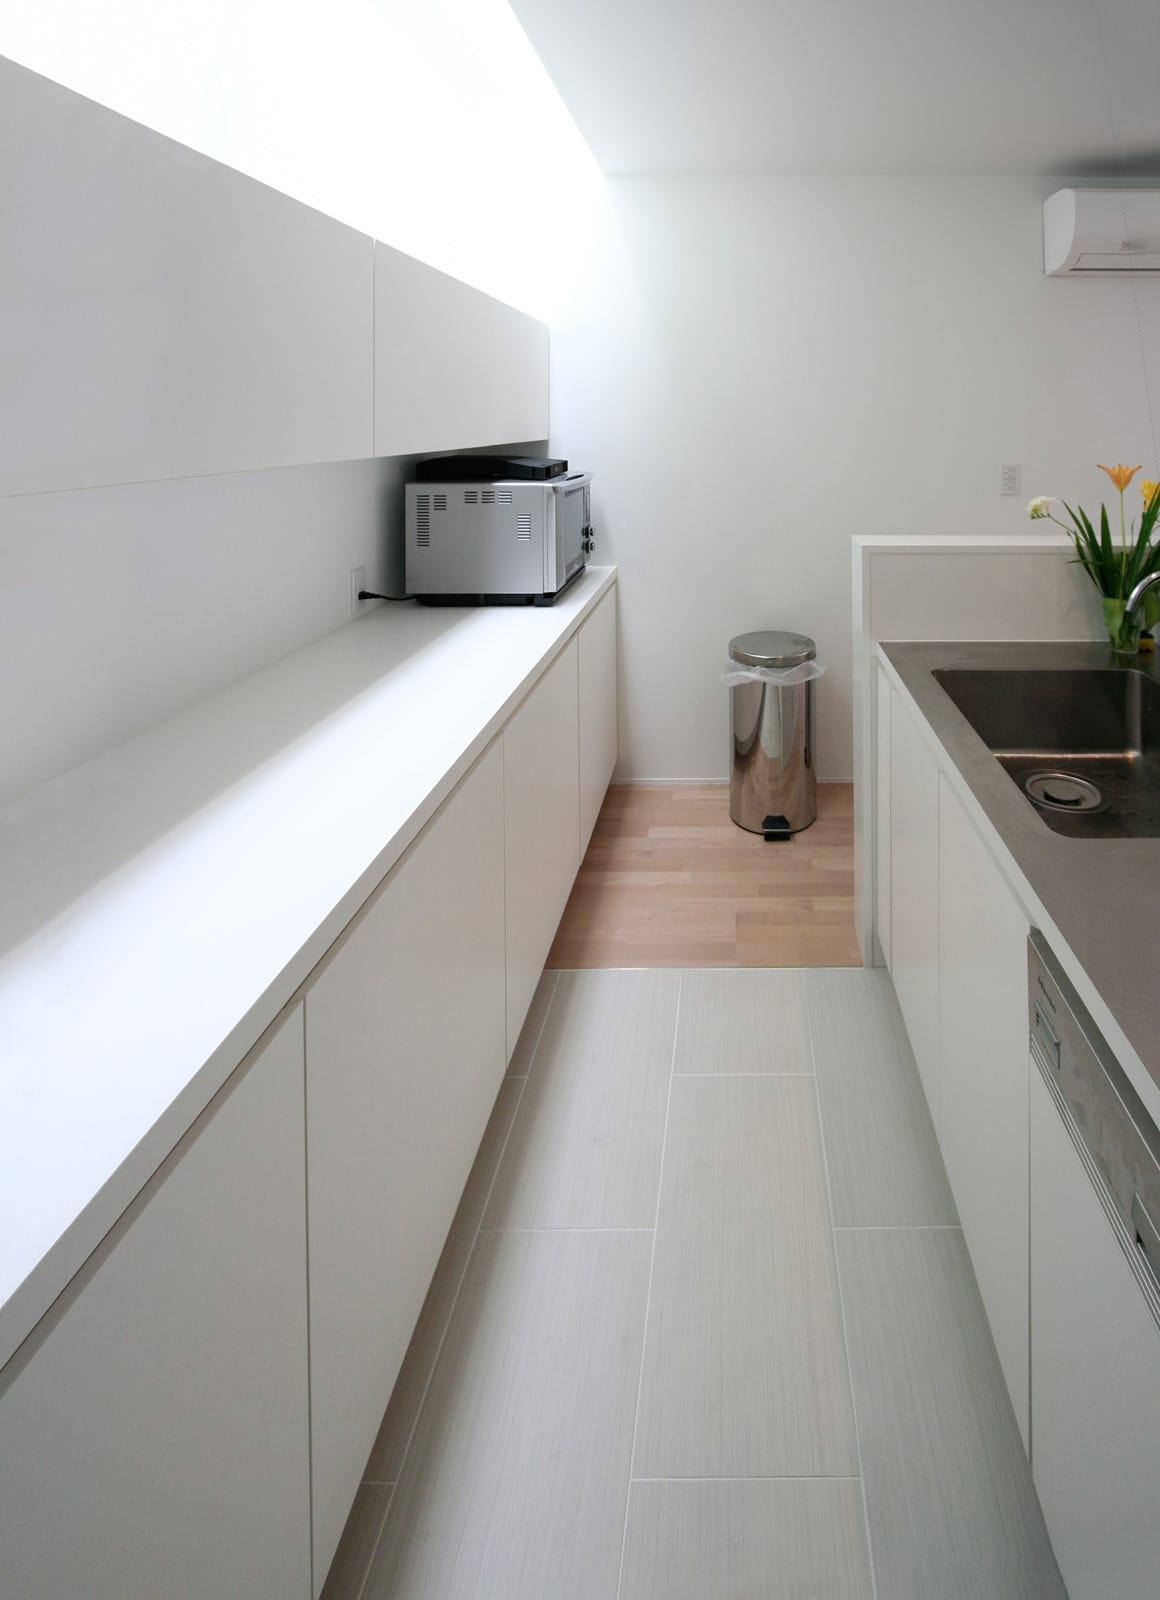 インナーテラスのある明るい住宅の収納(キッチン)1